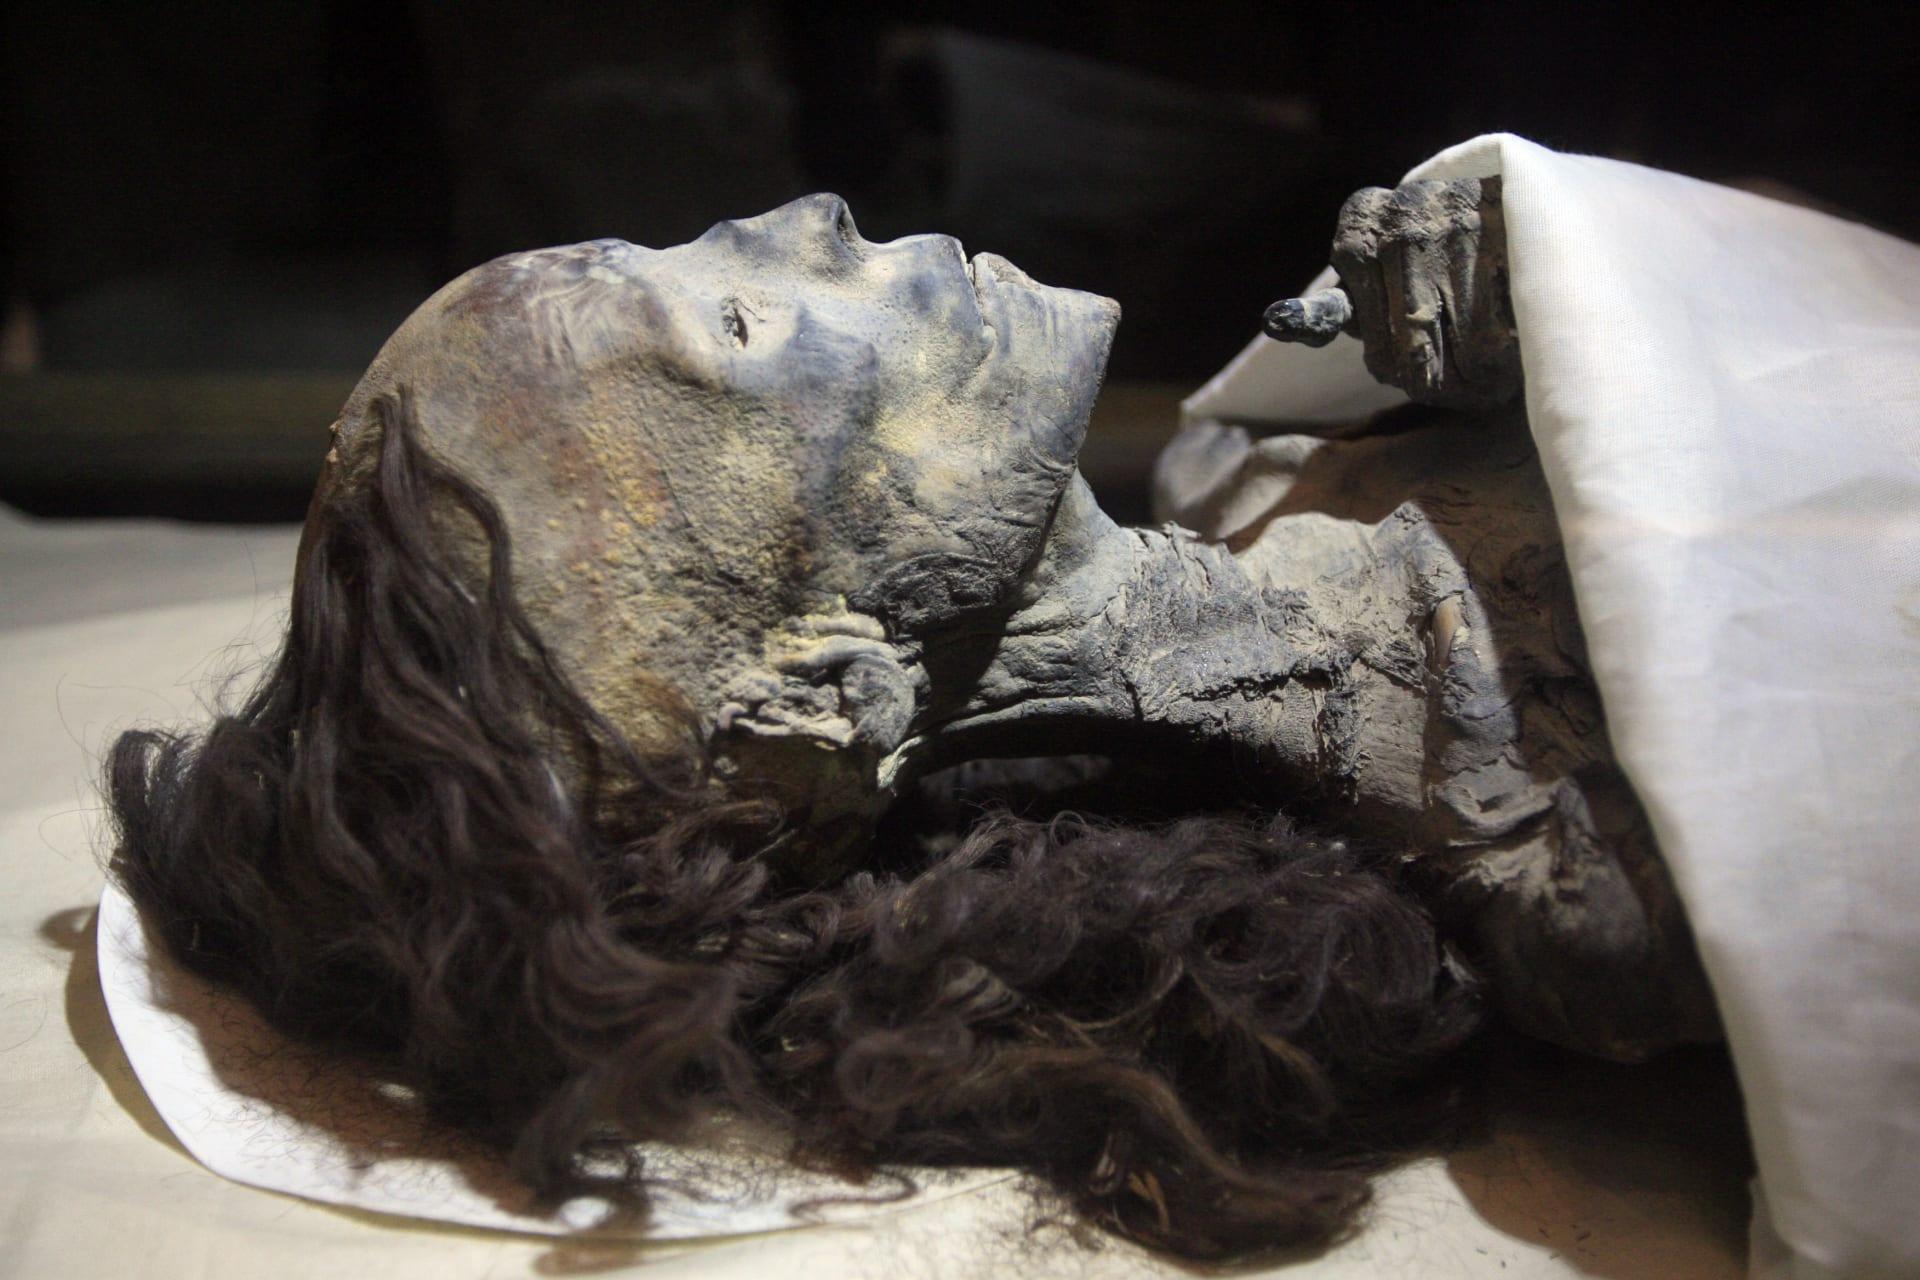 موميات للملكة تيا جدة الفرعون توت عنخ امون